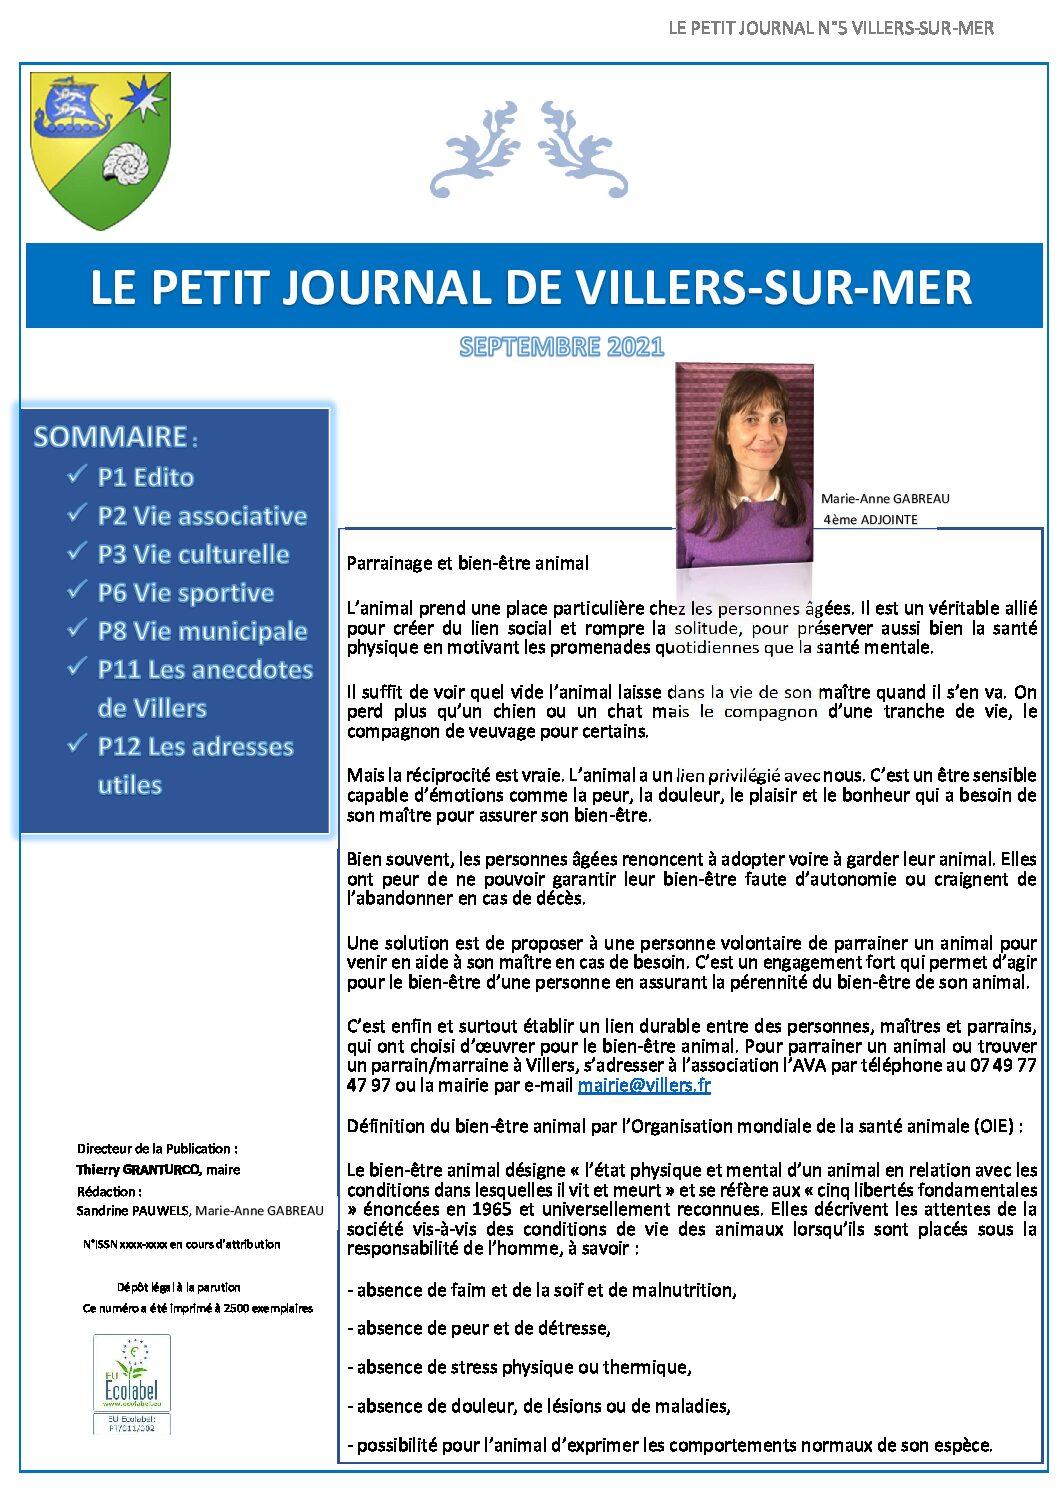 Le petit journal de Villers n°5 du mois de Septembre